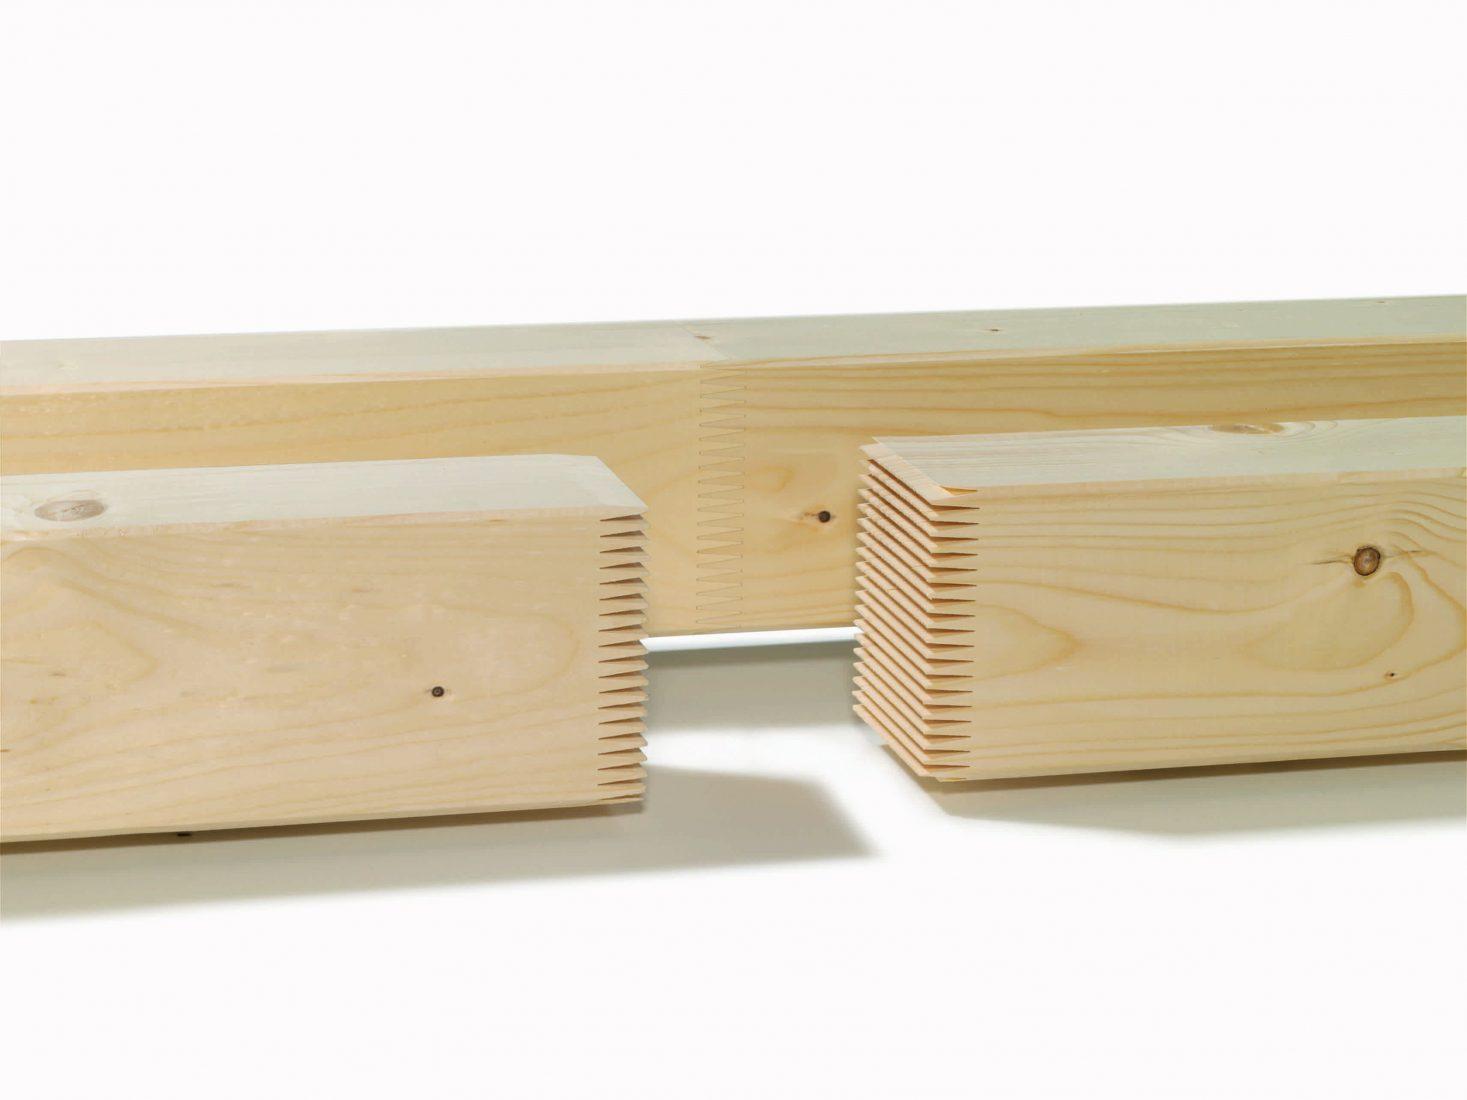 Mit Keilzinkenverbindungen lässt sich beliebig langes Konstruktionsvollholz herstellen. Foto: Überwachungsgemeinschaft KVH e.V.